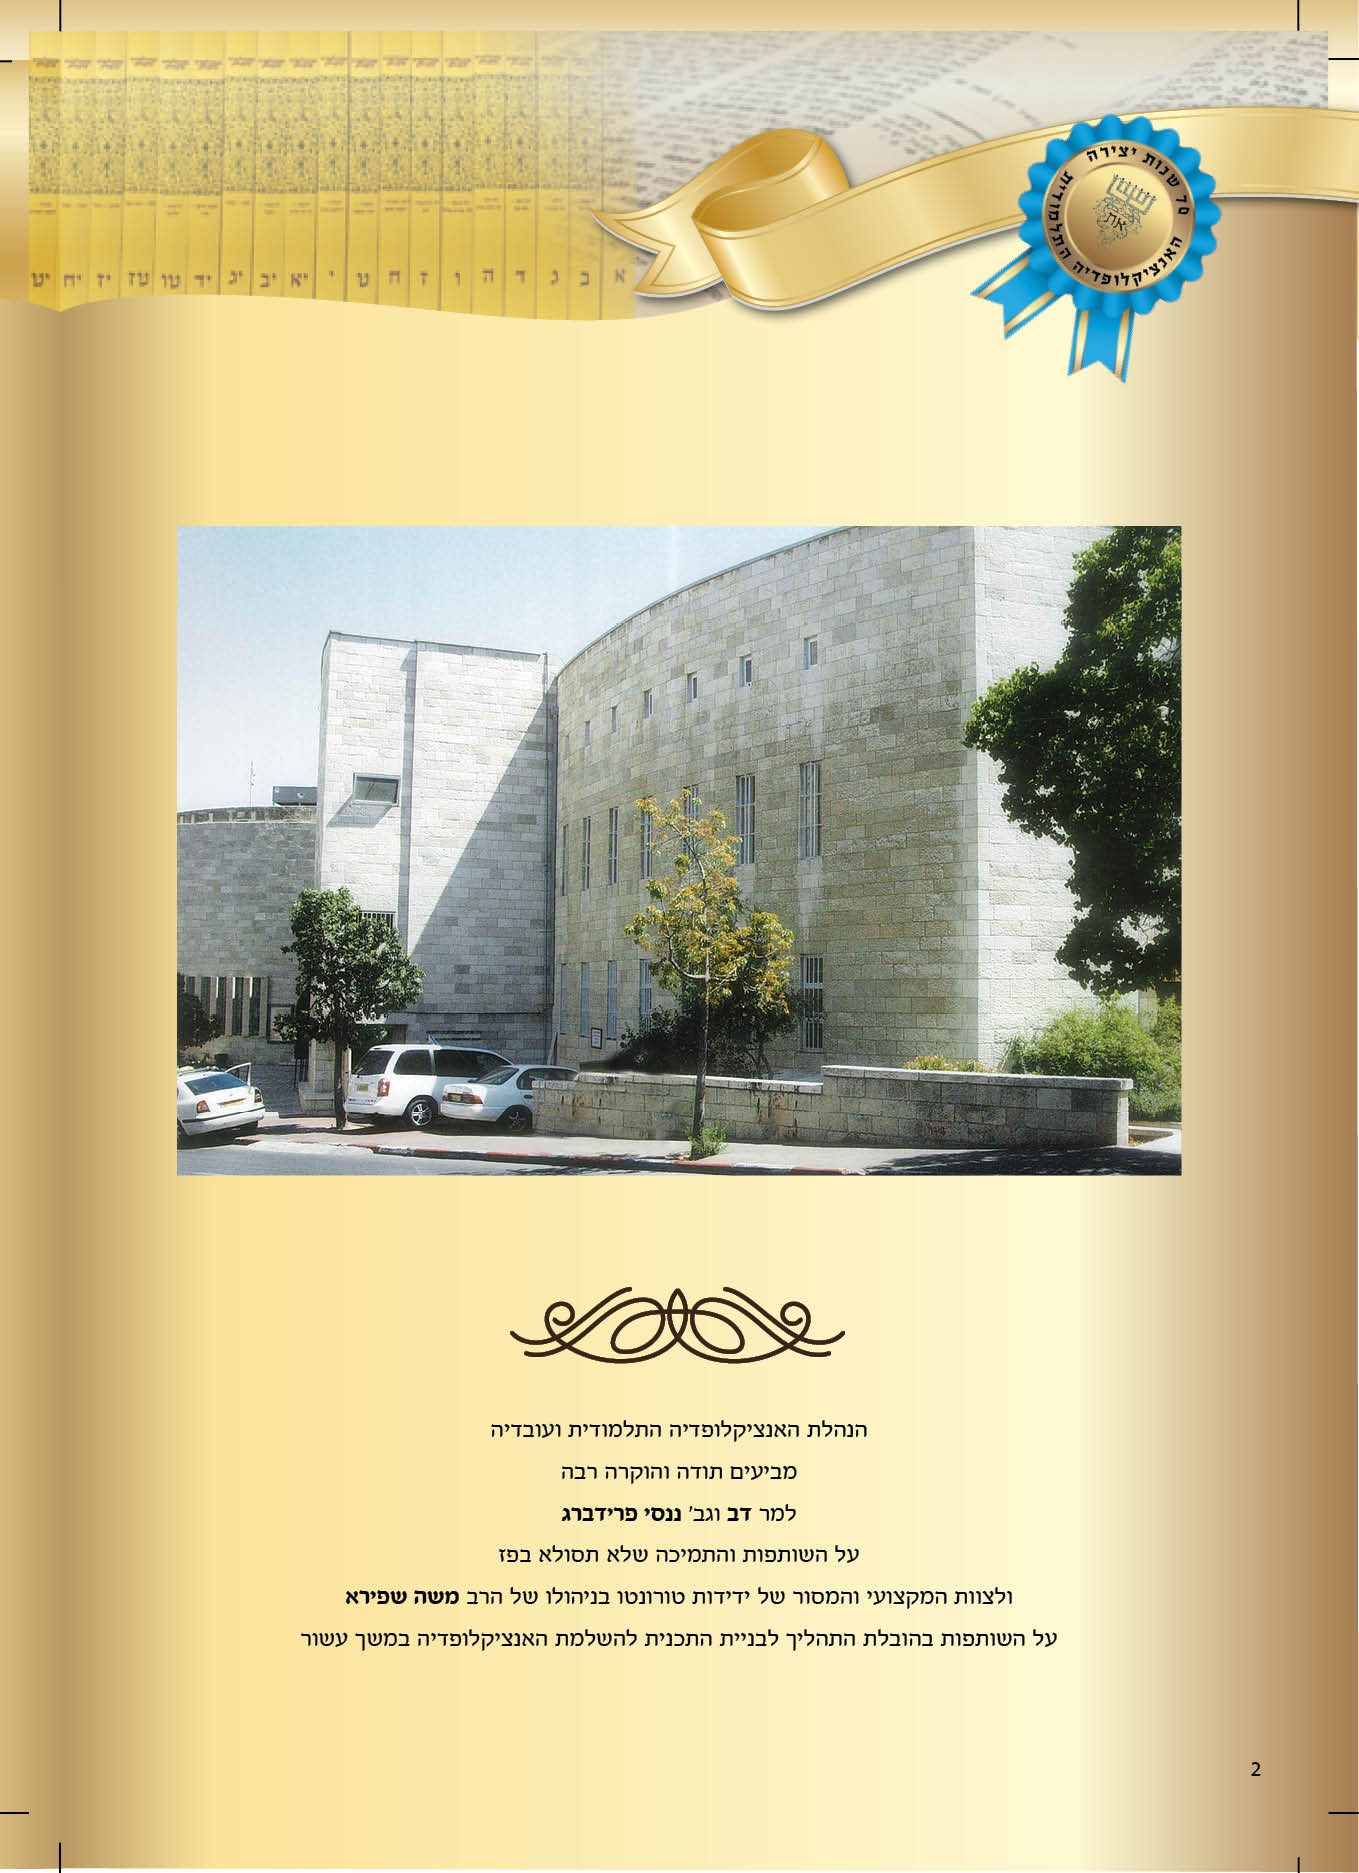 חוברת אנצת עברית - דף פנימי